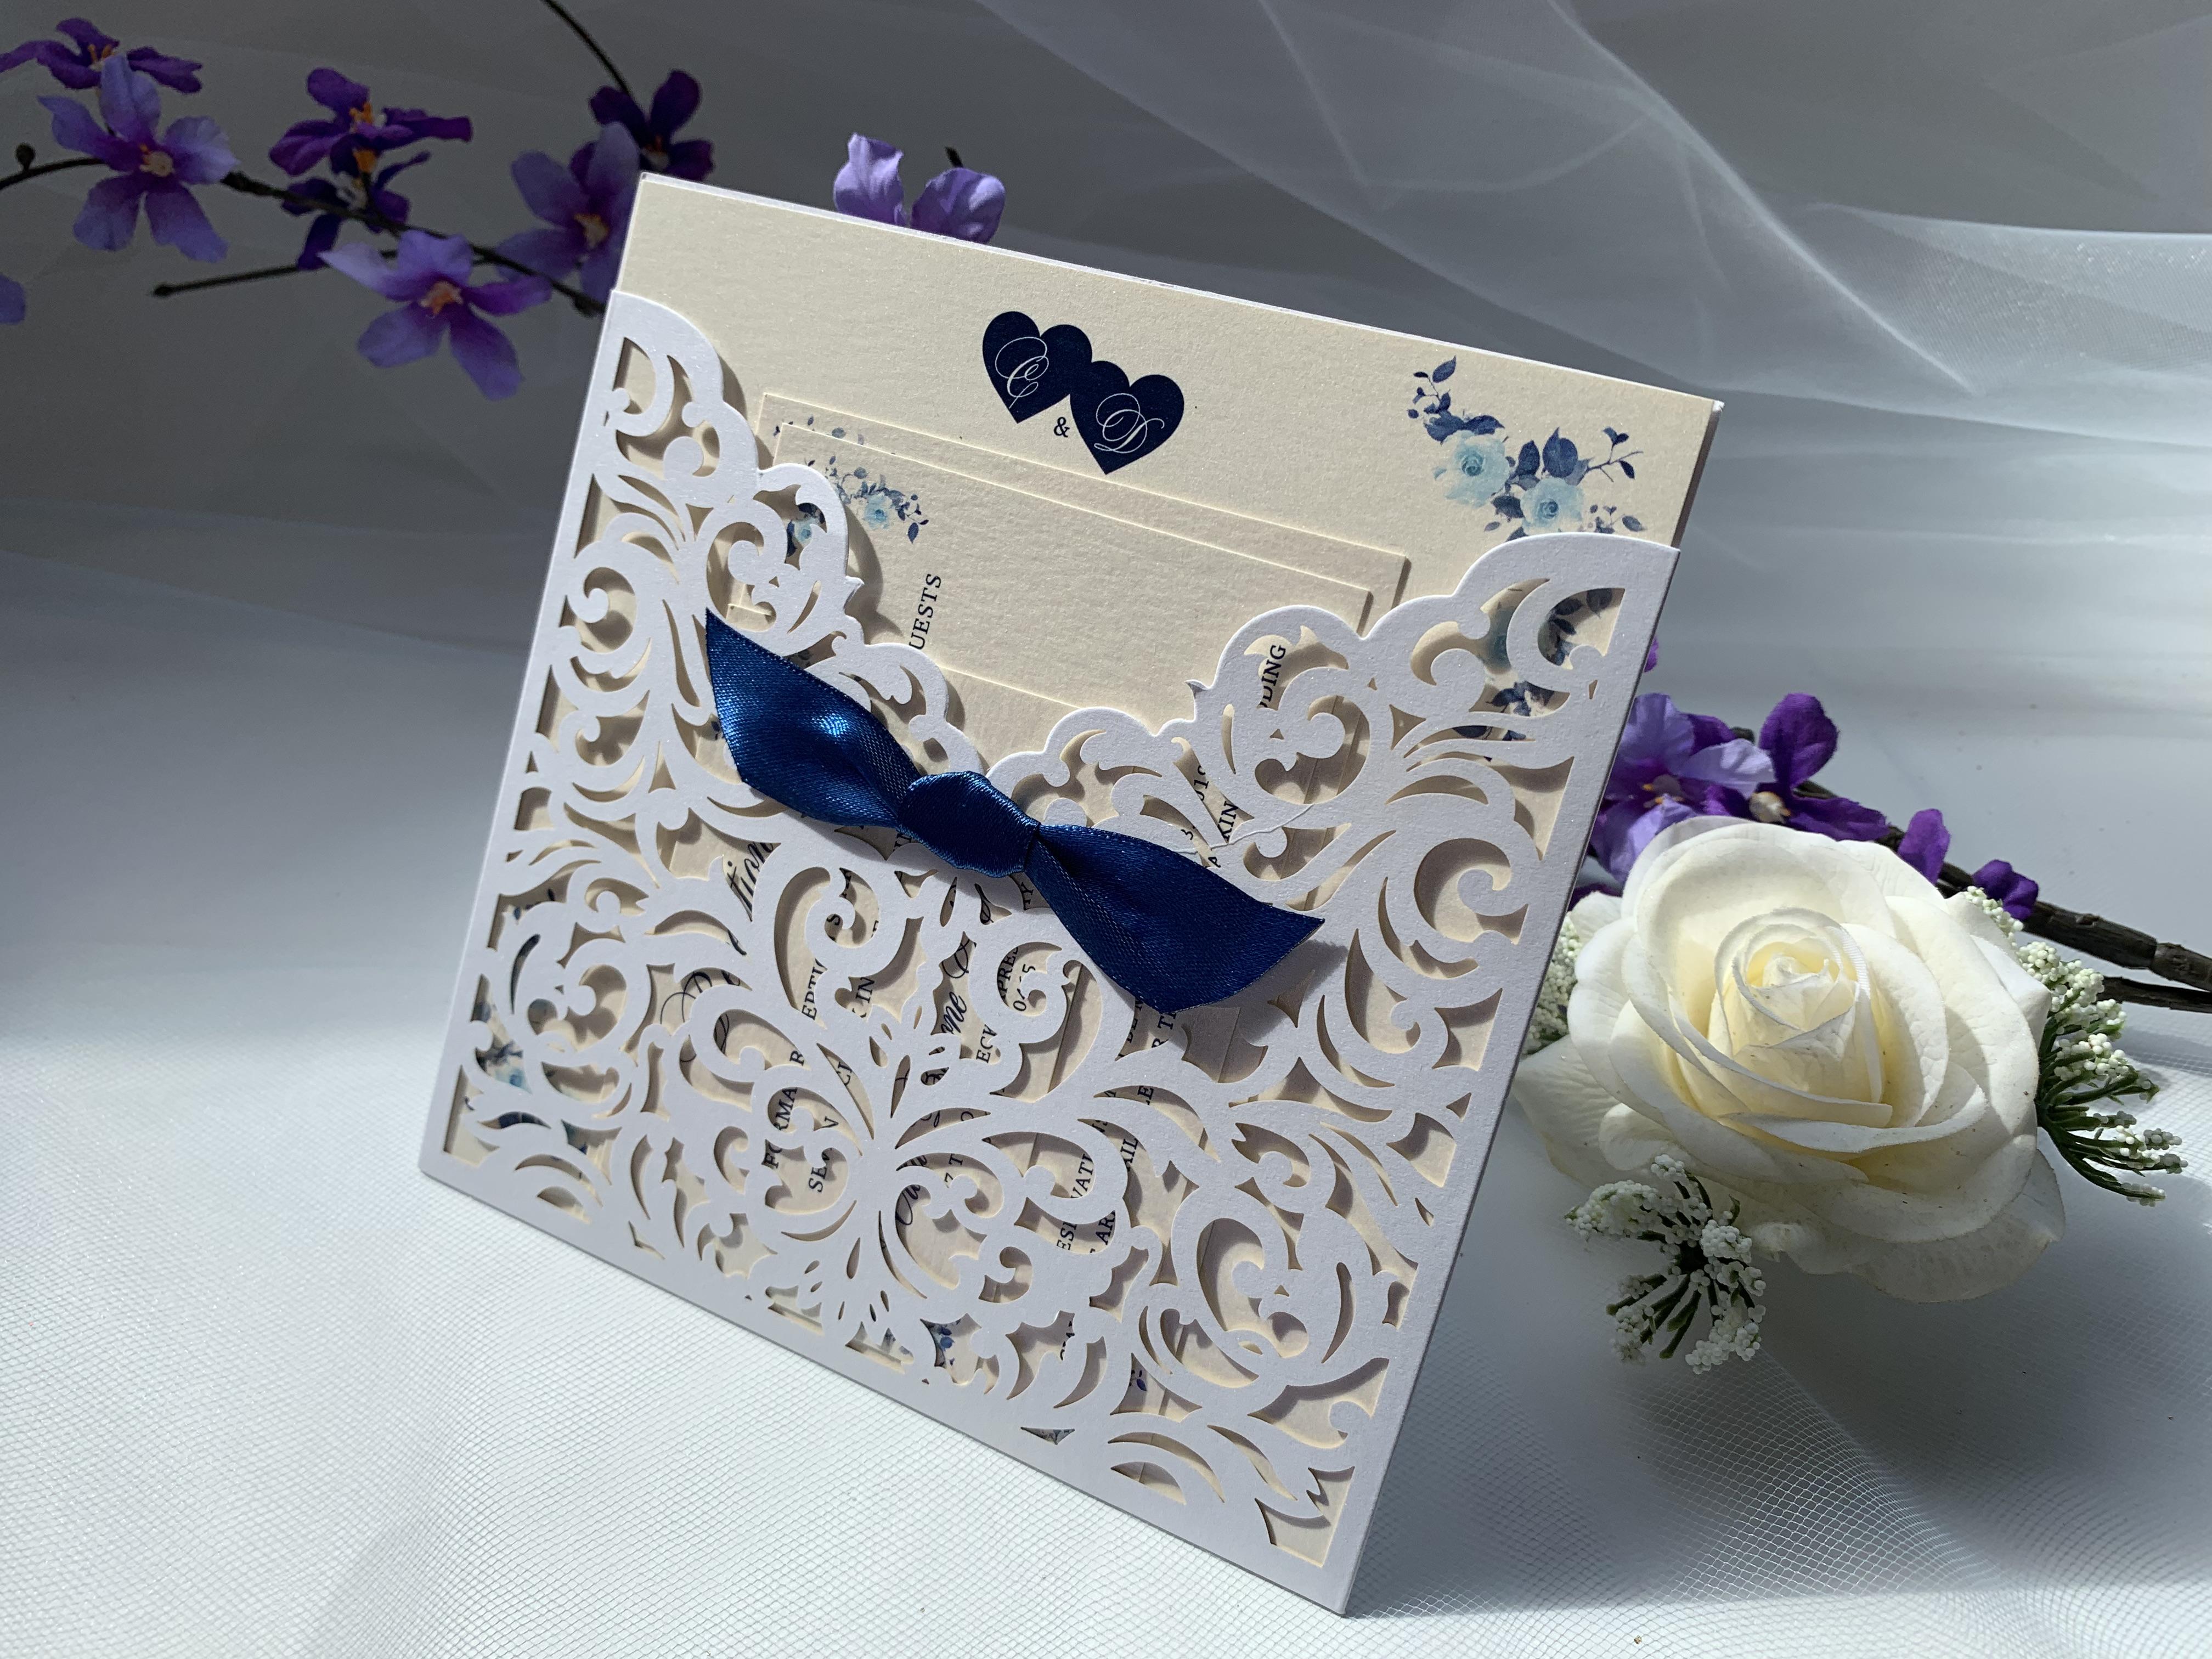 Cute wedding invitations in NYC